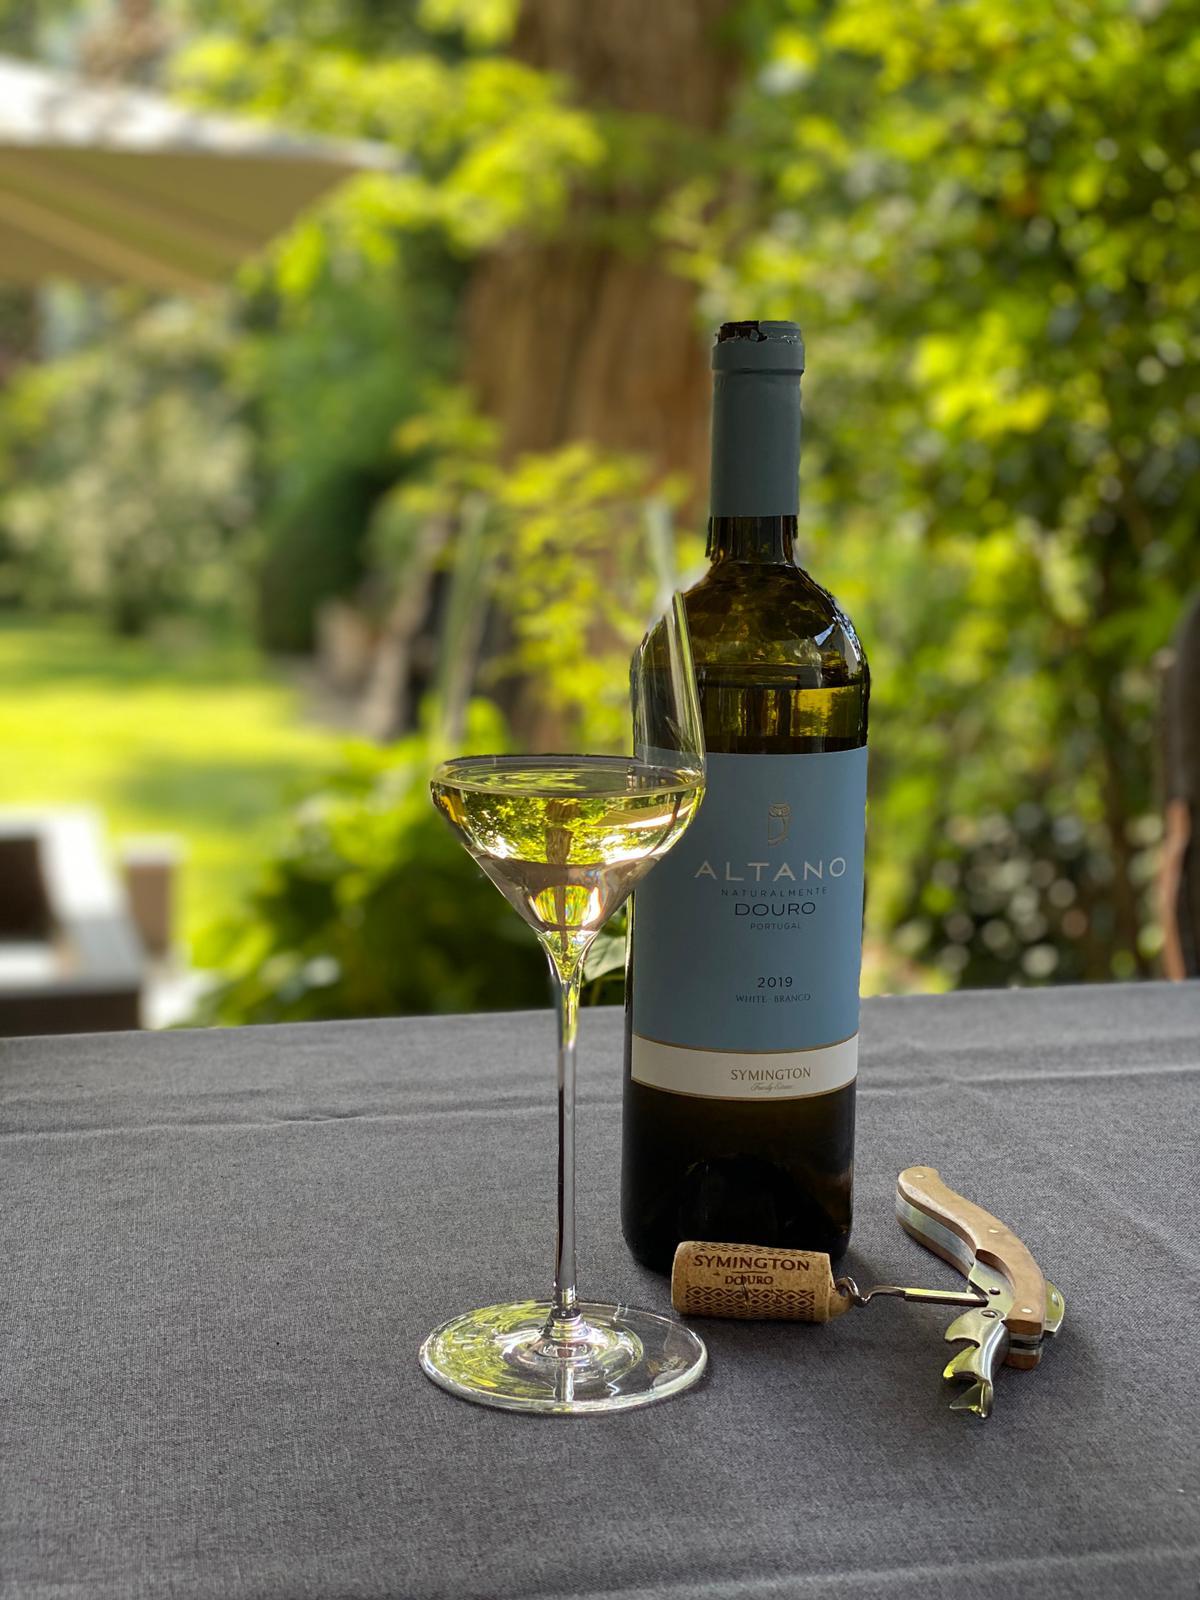 Altano Douro Branco: unser Sommer-Weißwein 2019